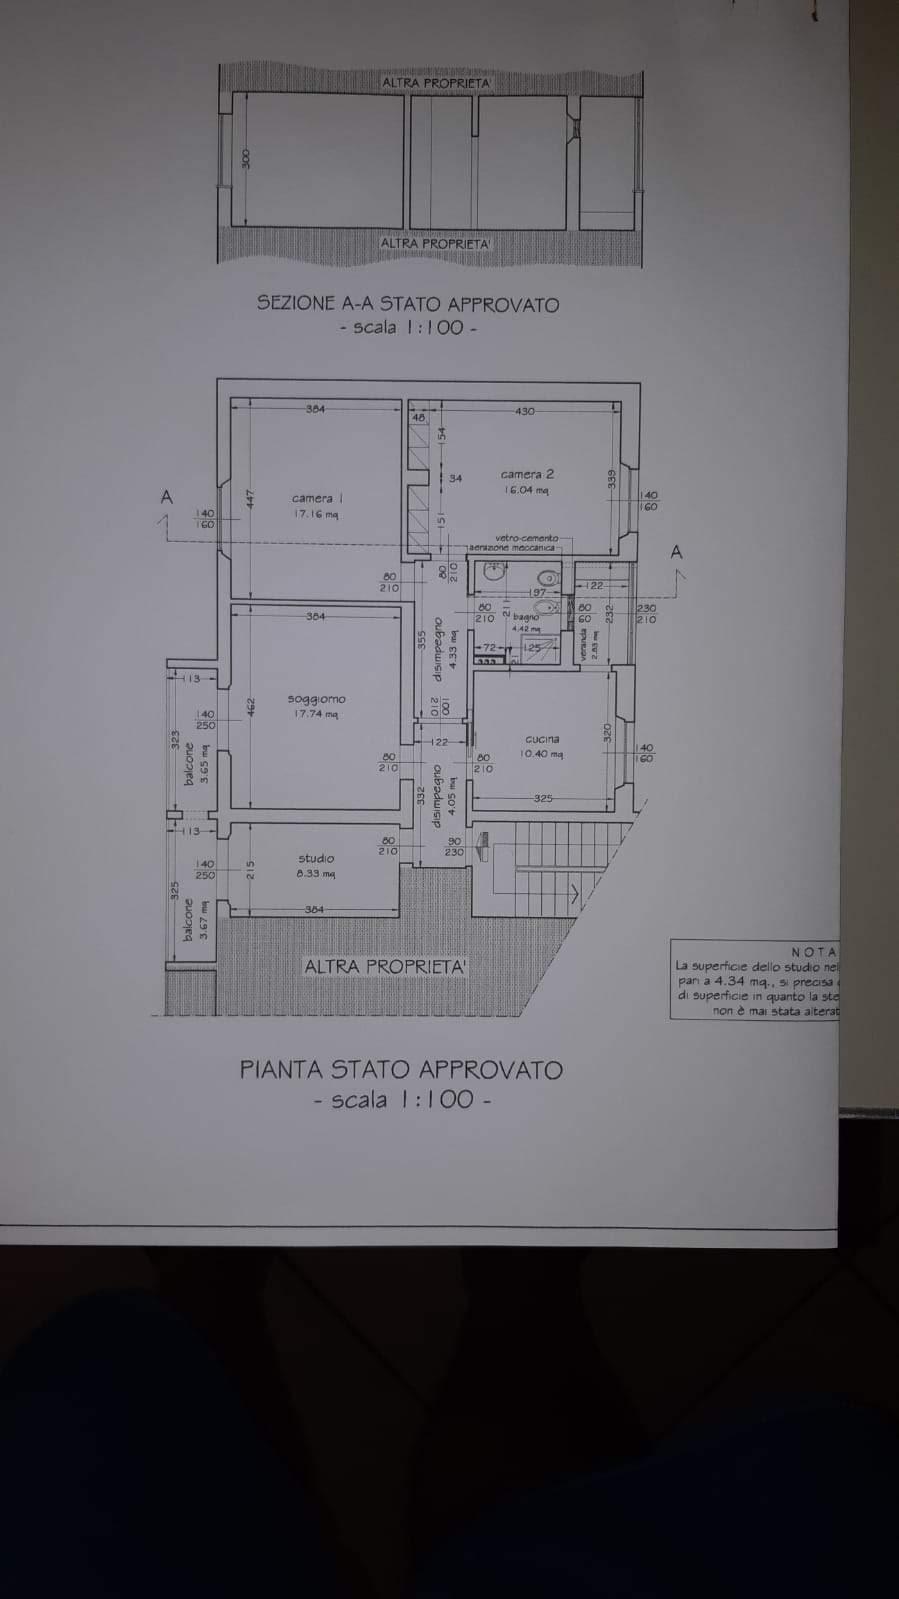 Appartamento in vendita - Gagno, Pisa